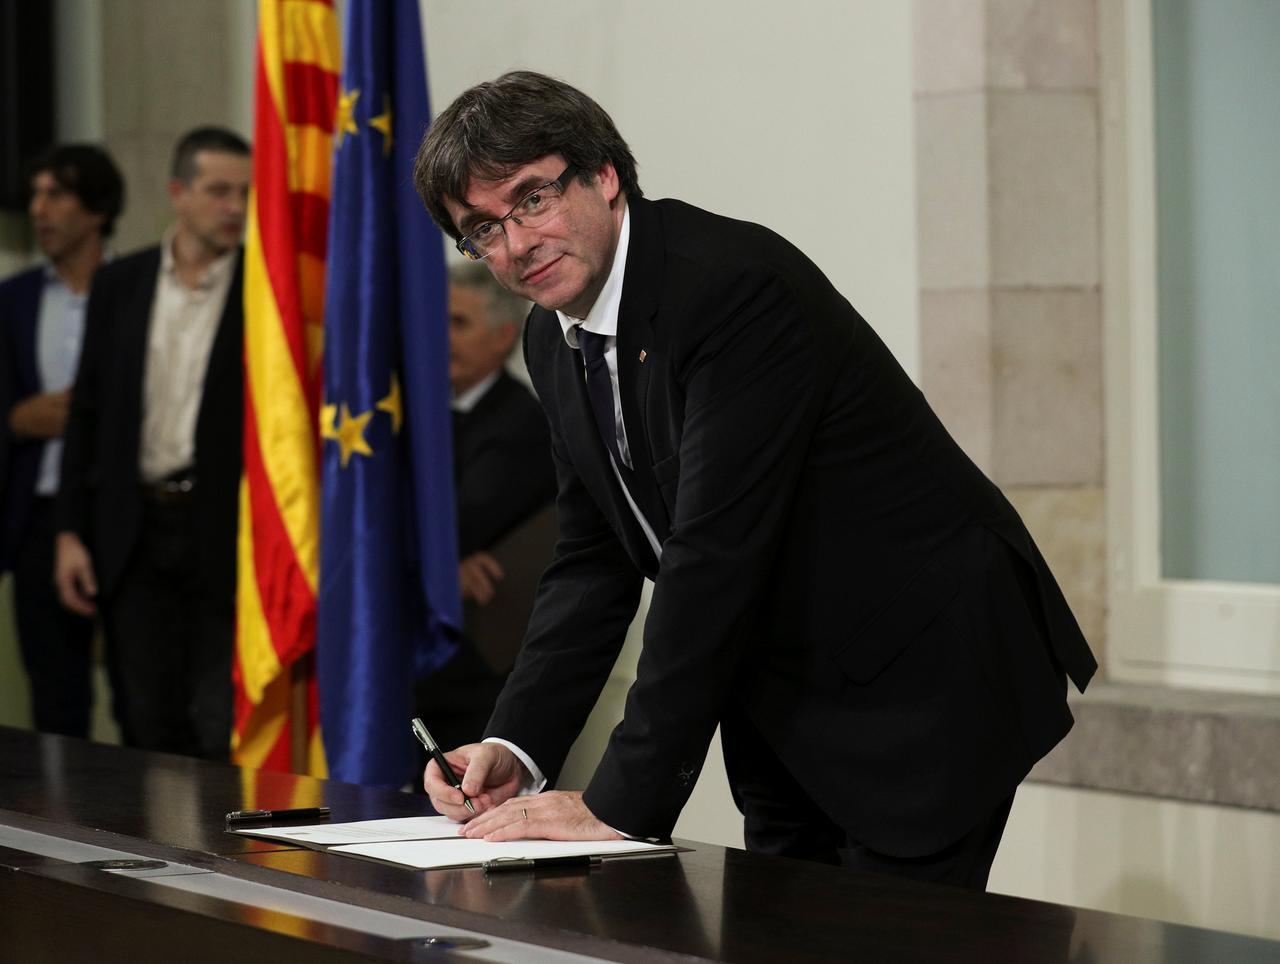 Thủ lĩnh xứ Catalonia Carles Puigdemont ký tuyên bố về chủ quyền toàn vẹn tại nghị viện Catalonia. Ảnh: REUTERS